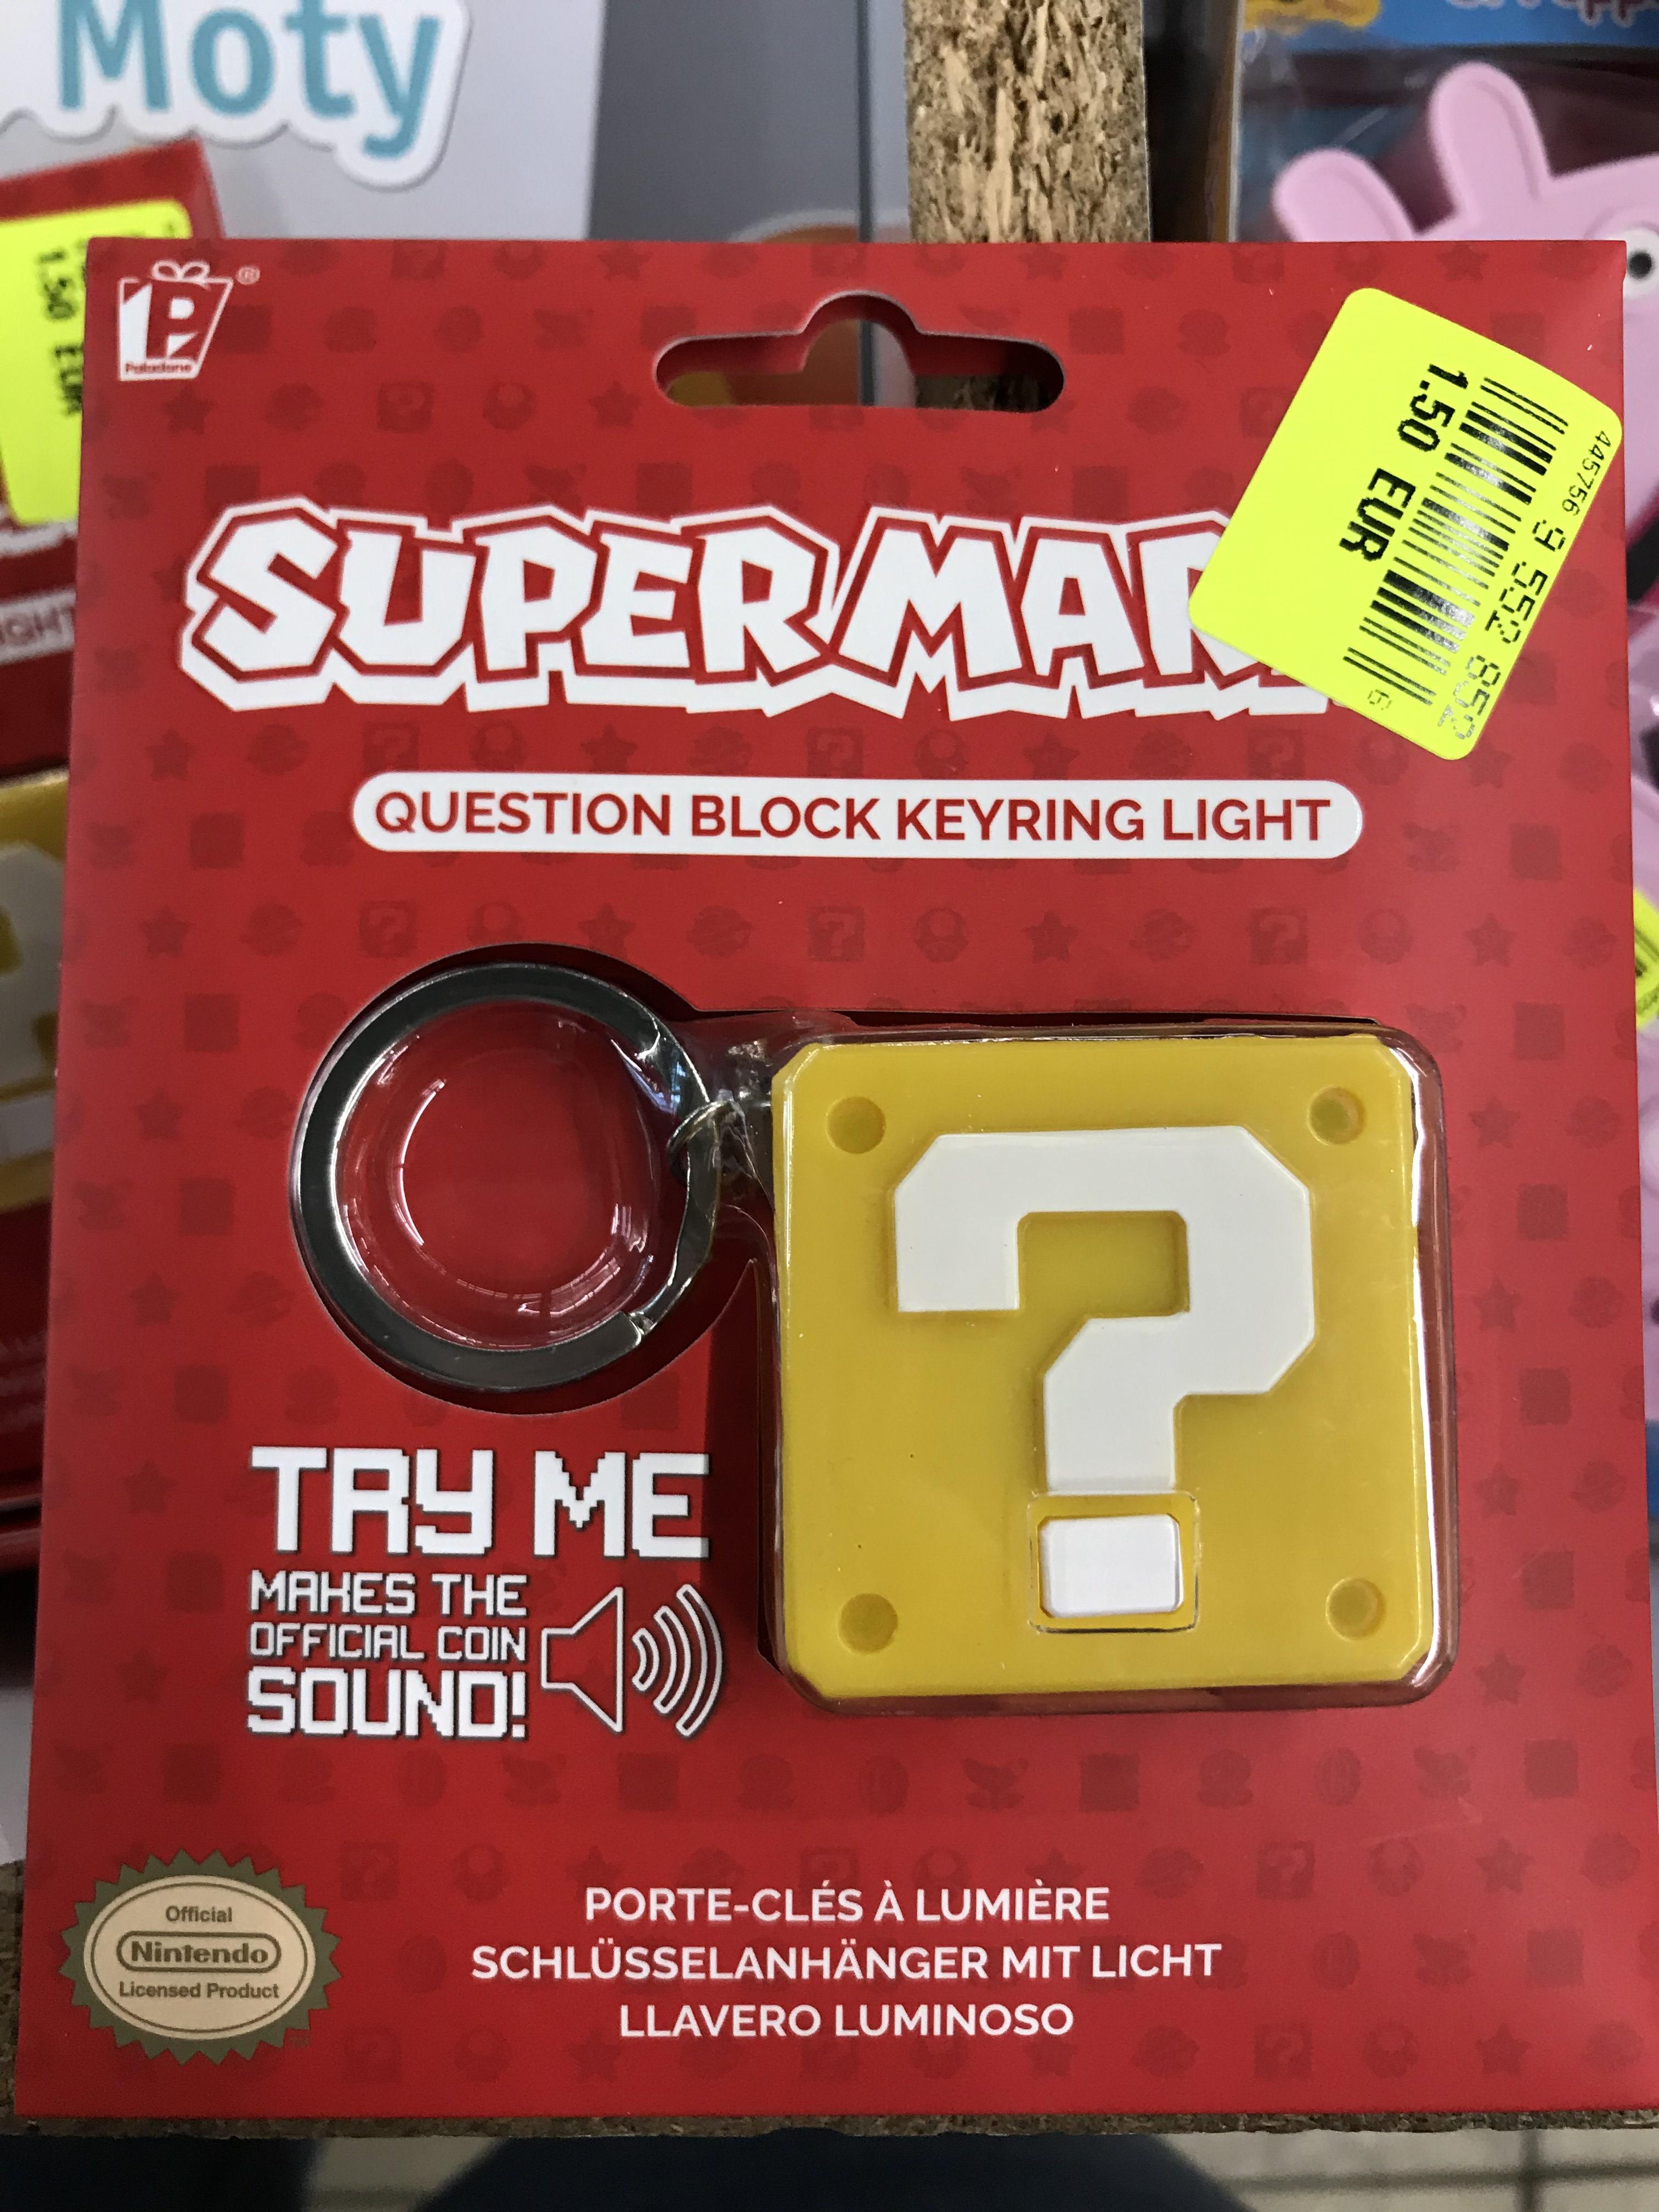 Porte-clés Super Mario Question Block Keyring Light - Angers Saint-Serge (49)